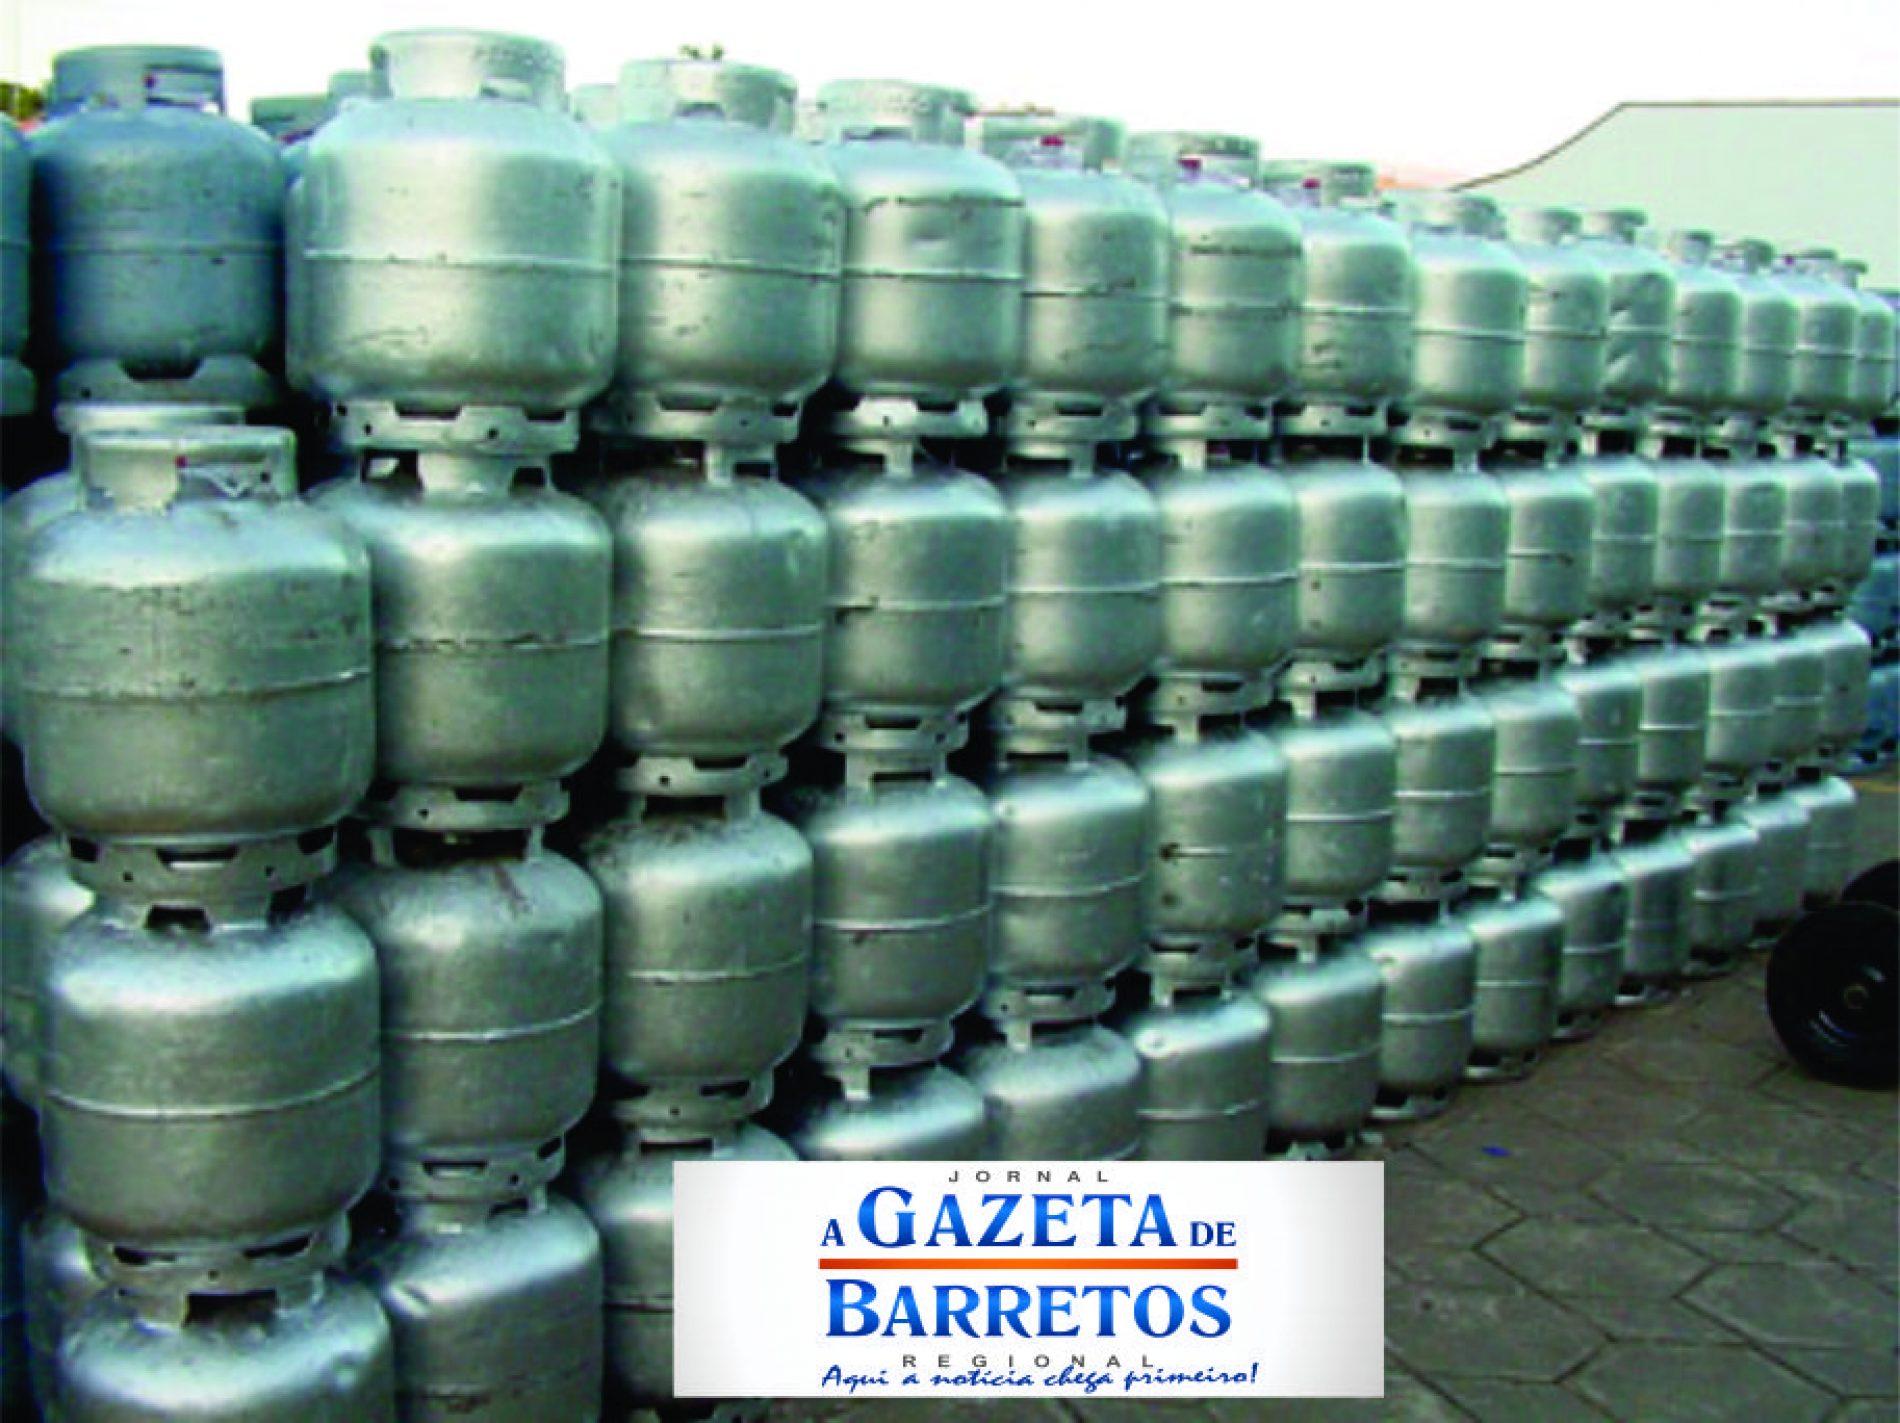 AUMENTO: Gás de cozinha é reajustado HOJE pela Petrobrás é de quase 13%